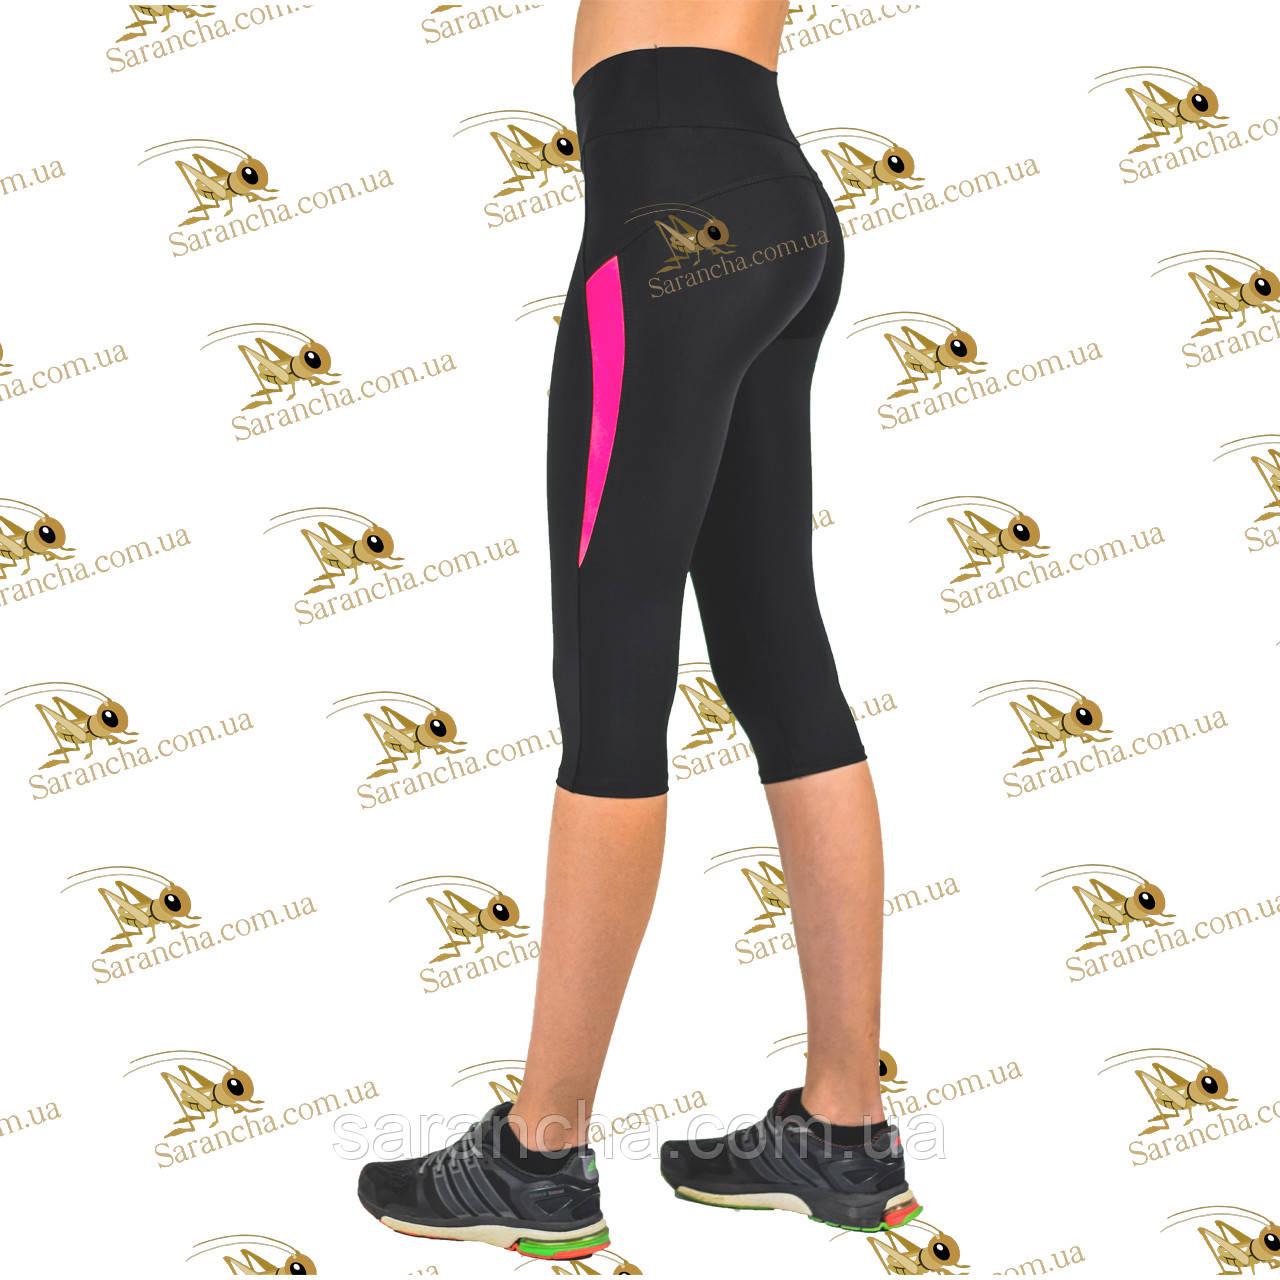 Жіночі спортивні бриджі чорний зі вставками фуксія